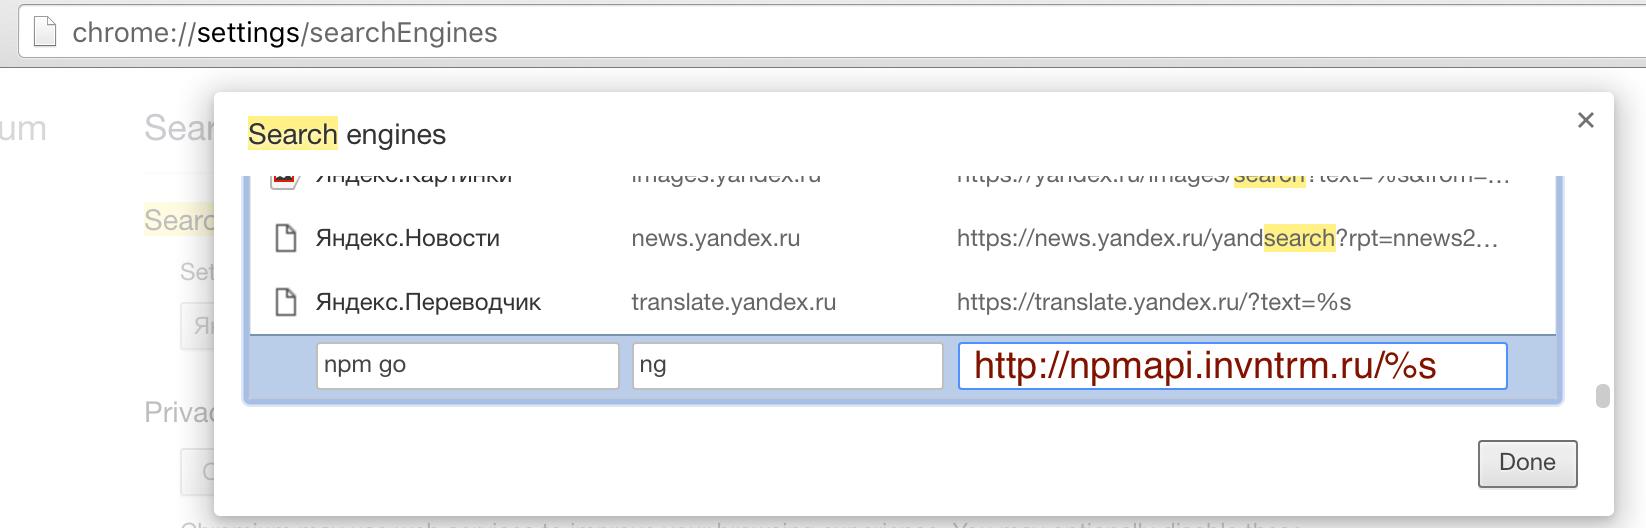 Chrome.app npm-go — setup